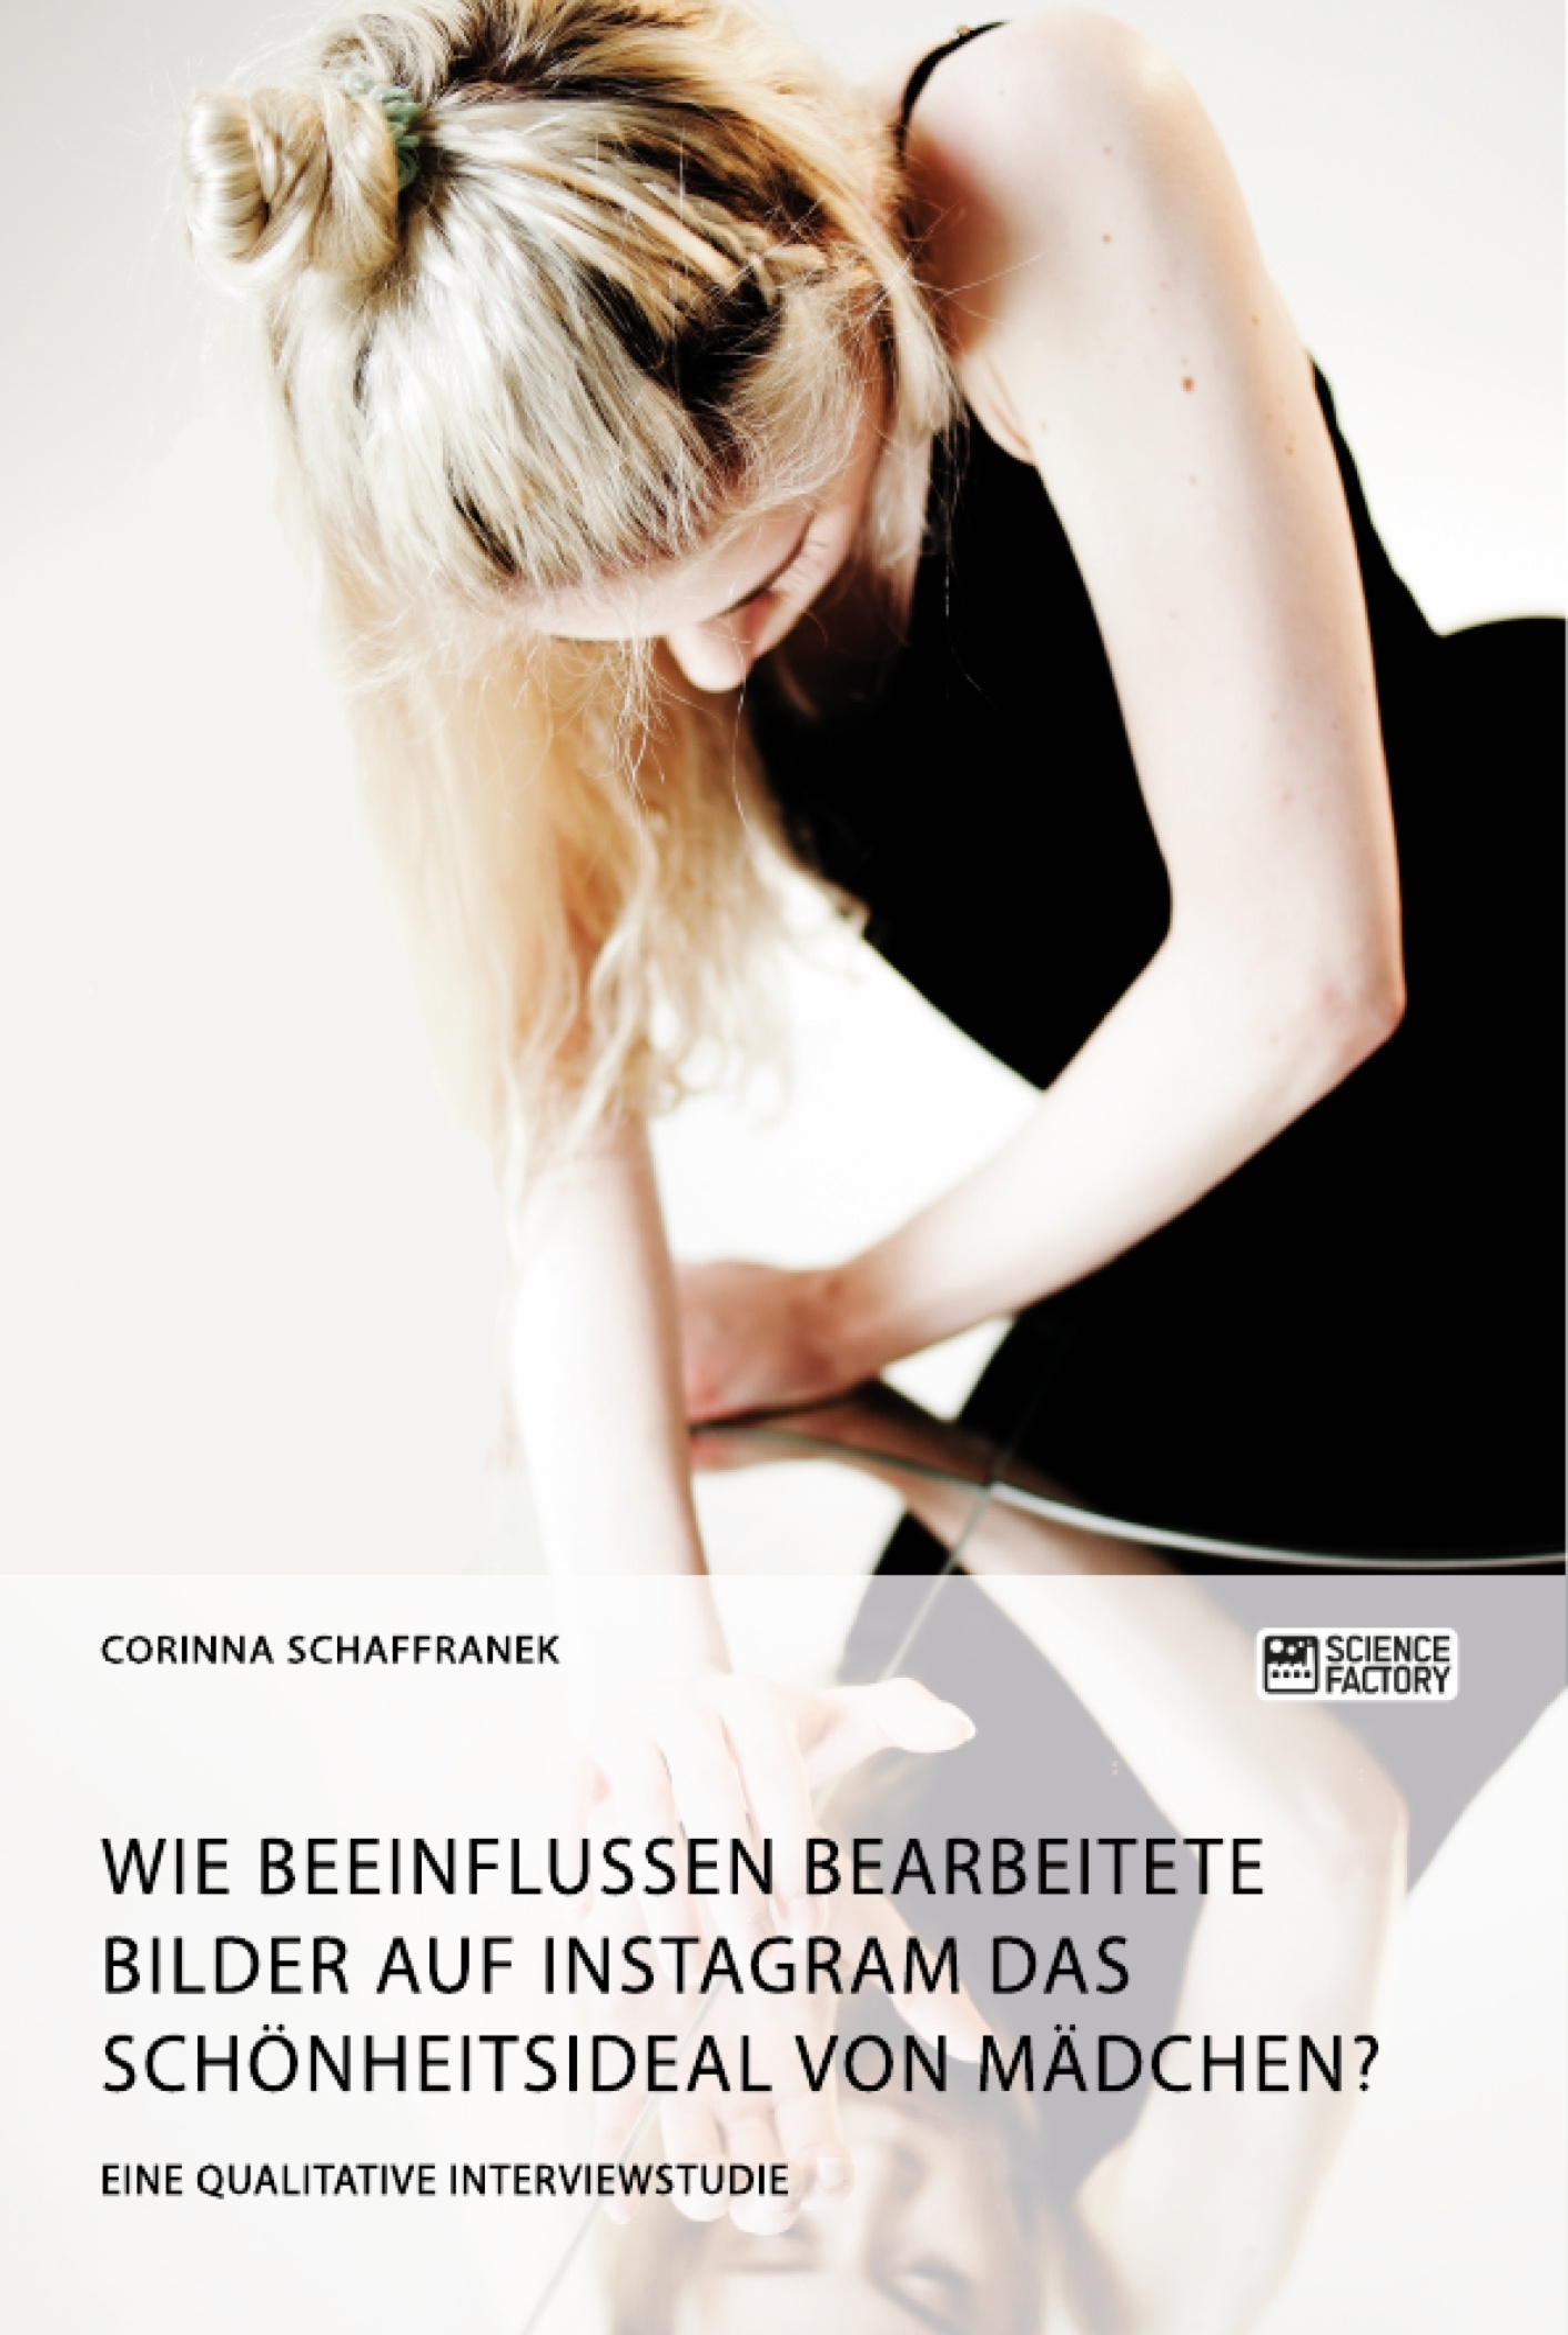 Diplomarbeiten5.de - Wie beeinflussen bearbeitete Bilder auf Instagram das  Schönheitsideal von Mädchen?